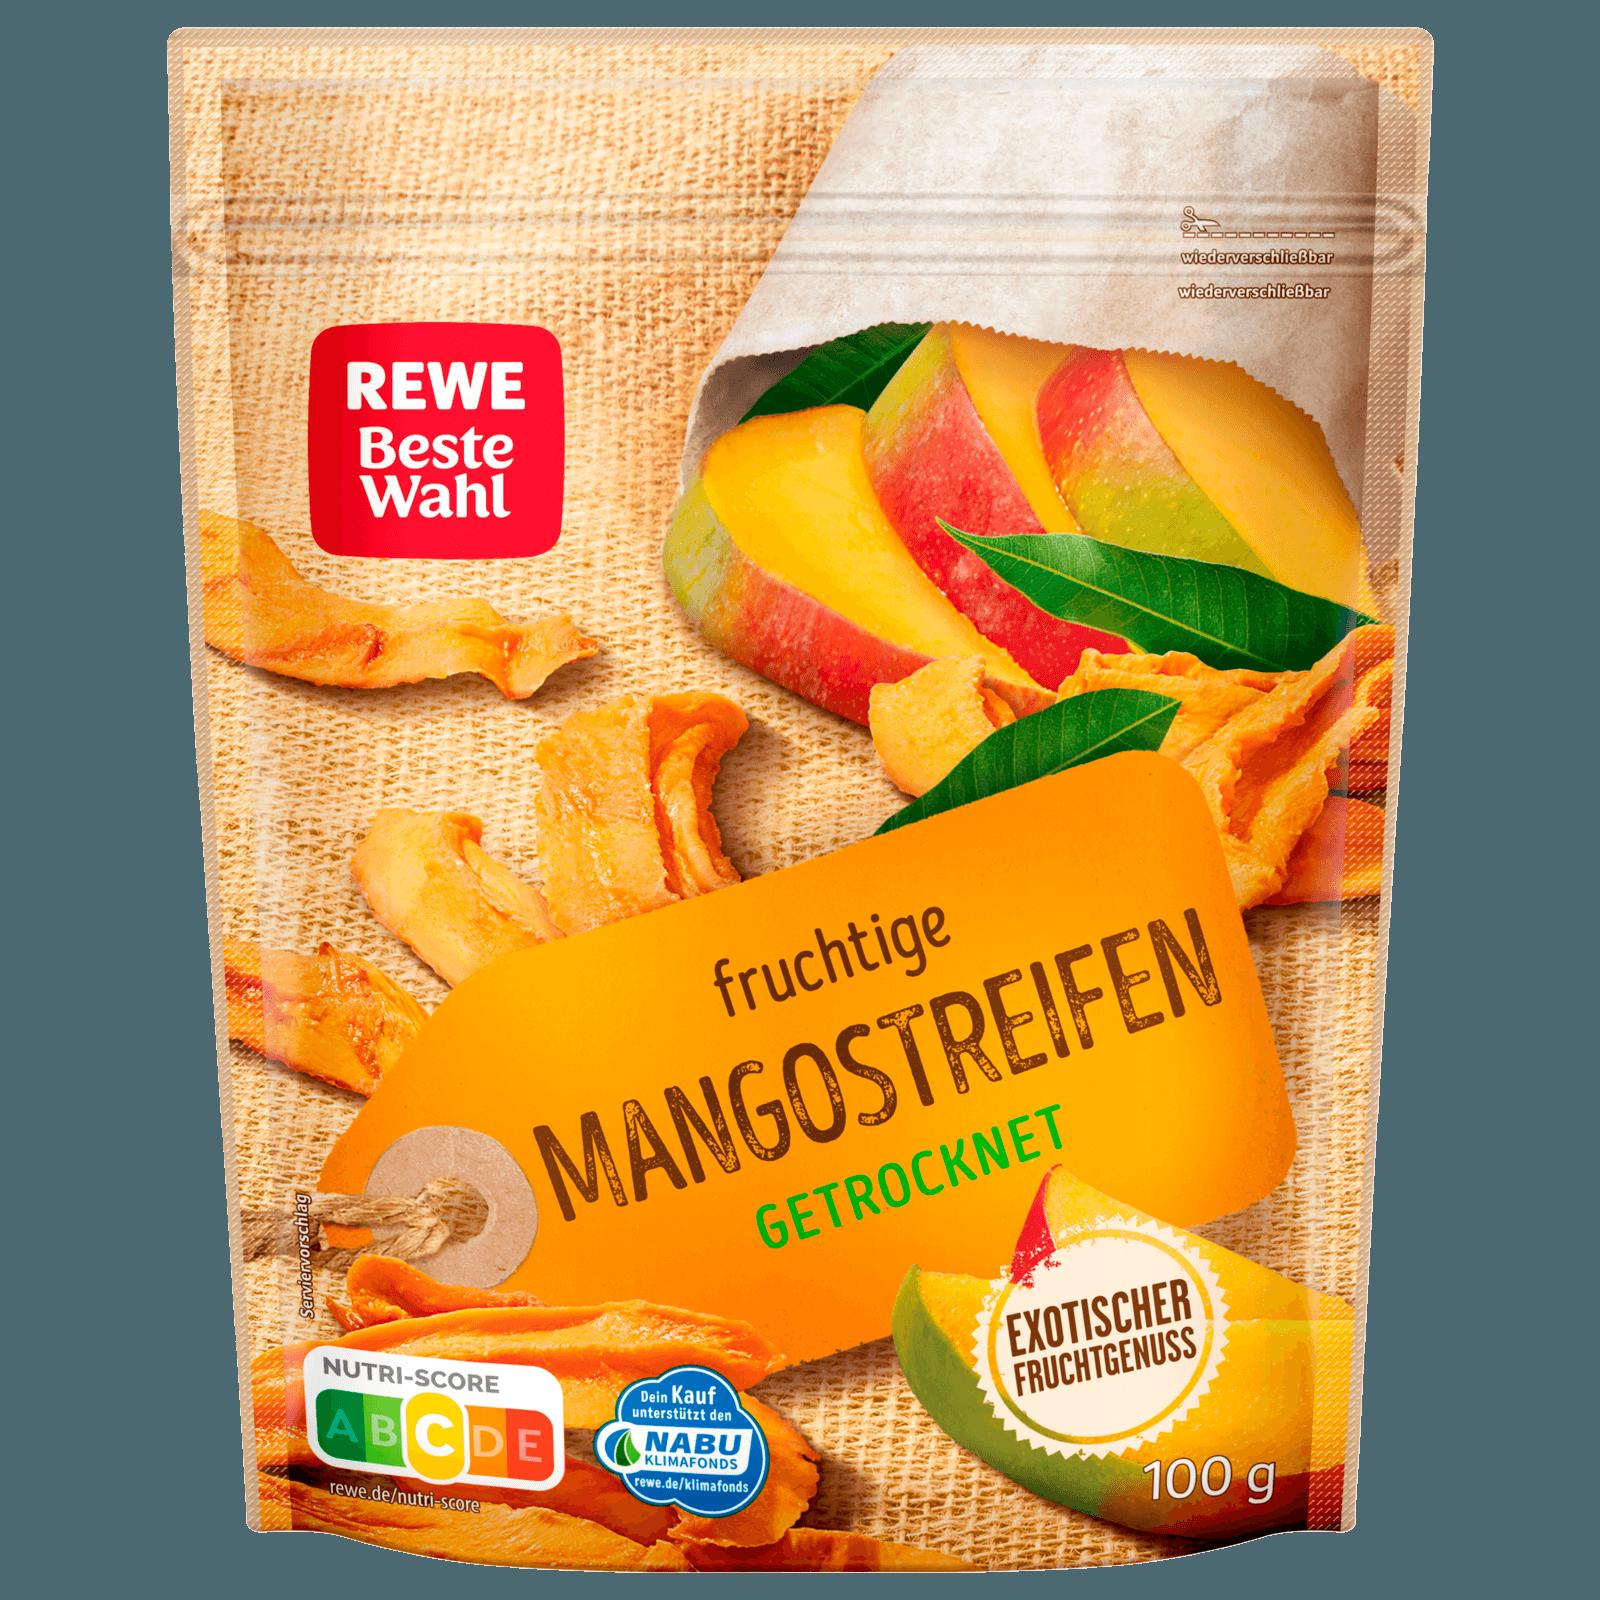 REWE Beste Wahl Mangostreifen 100g